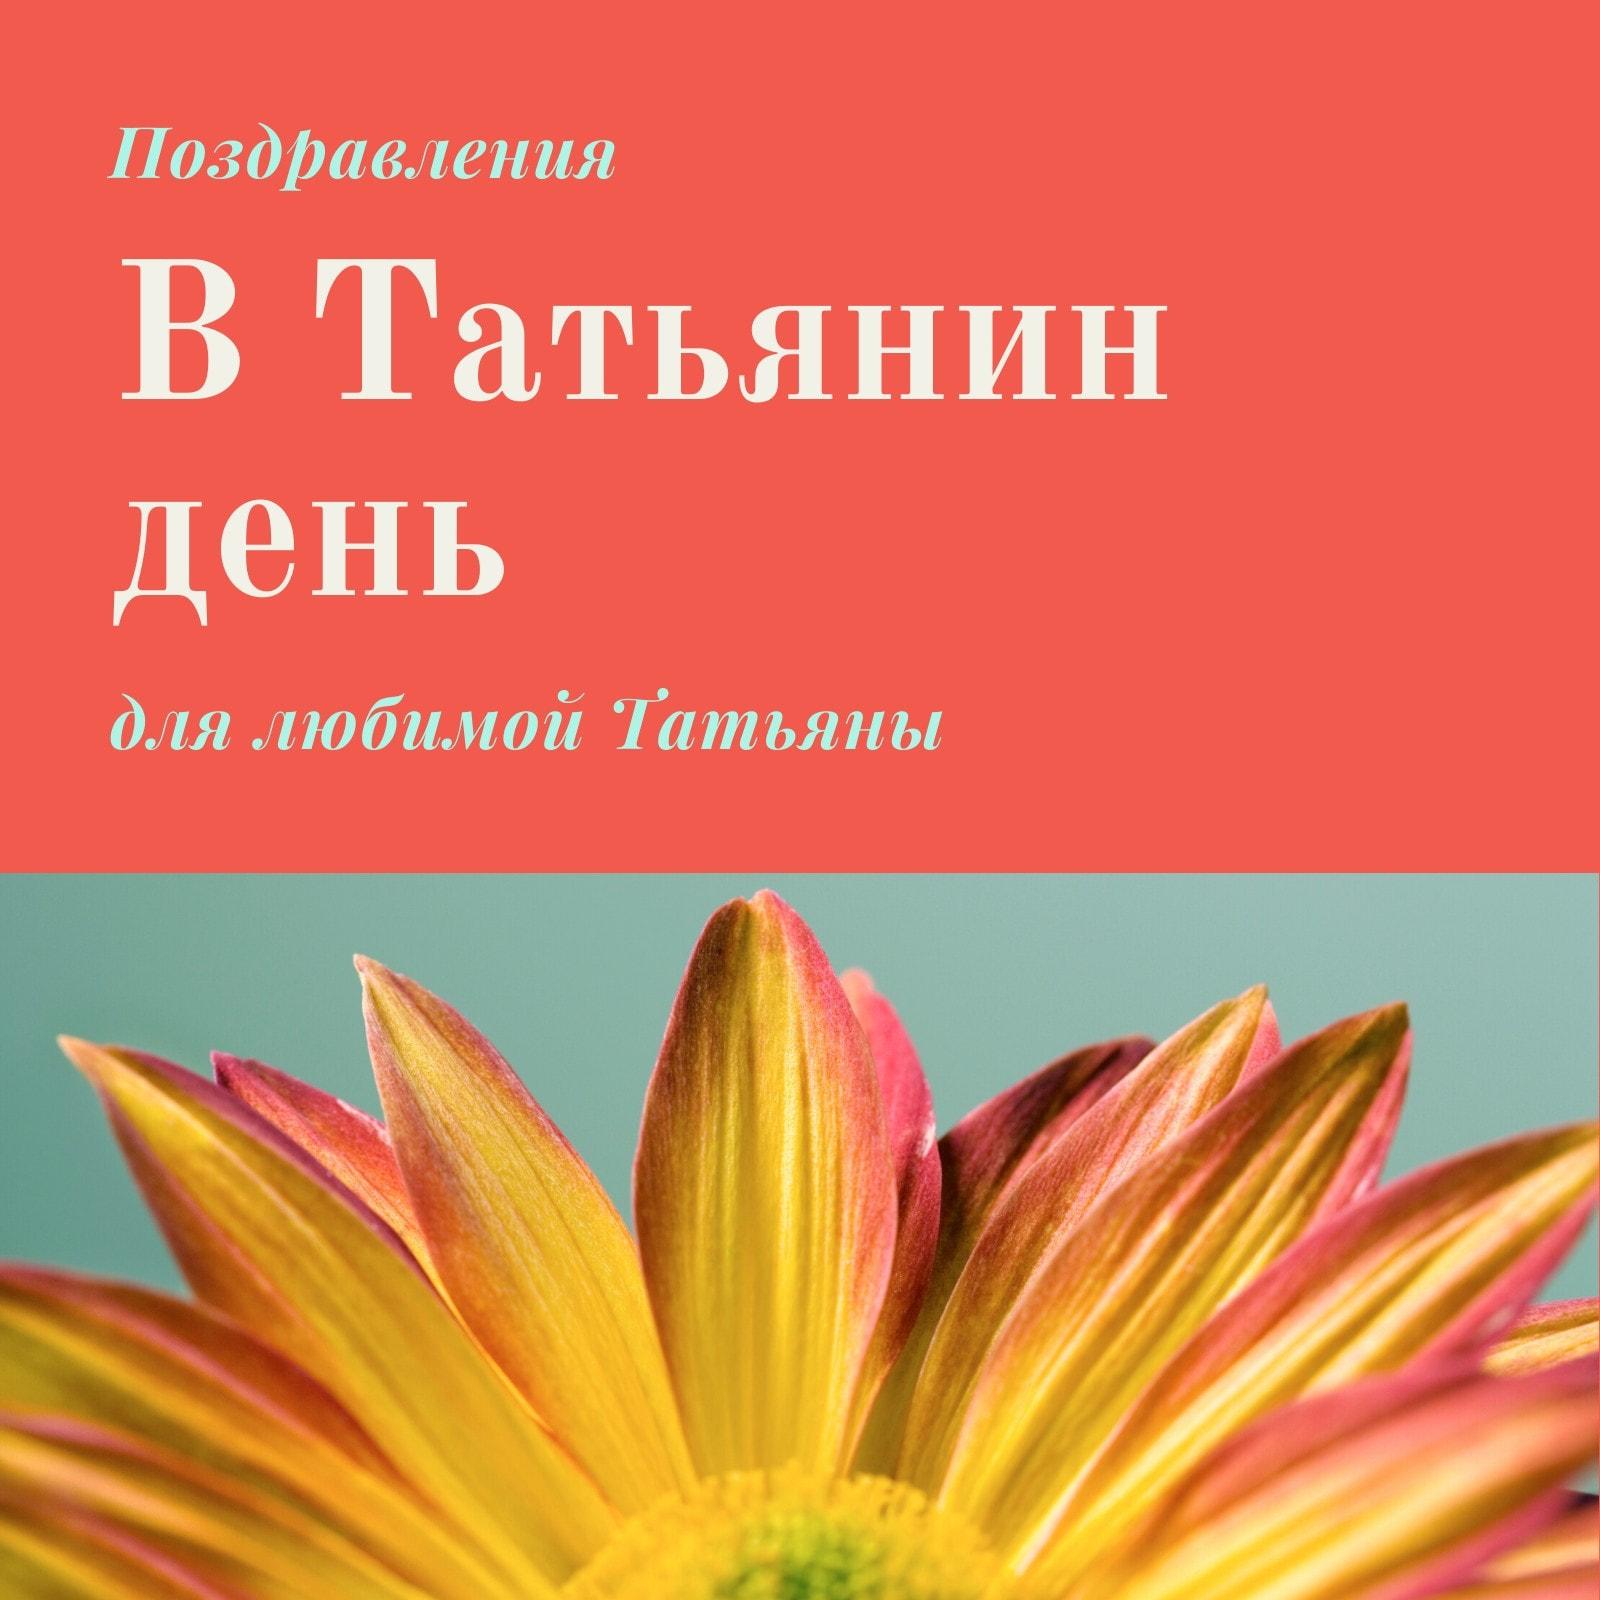 Пост для Инстаграма на Татьянин день на коралловом фоне с фотографией желтого цветка